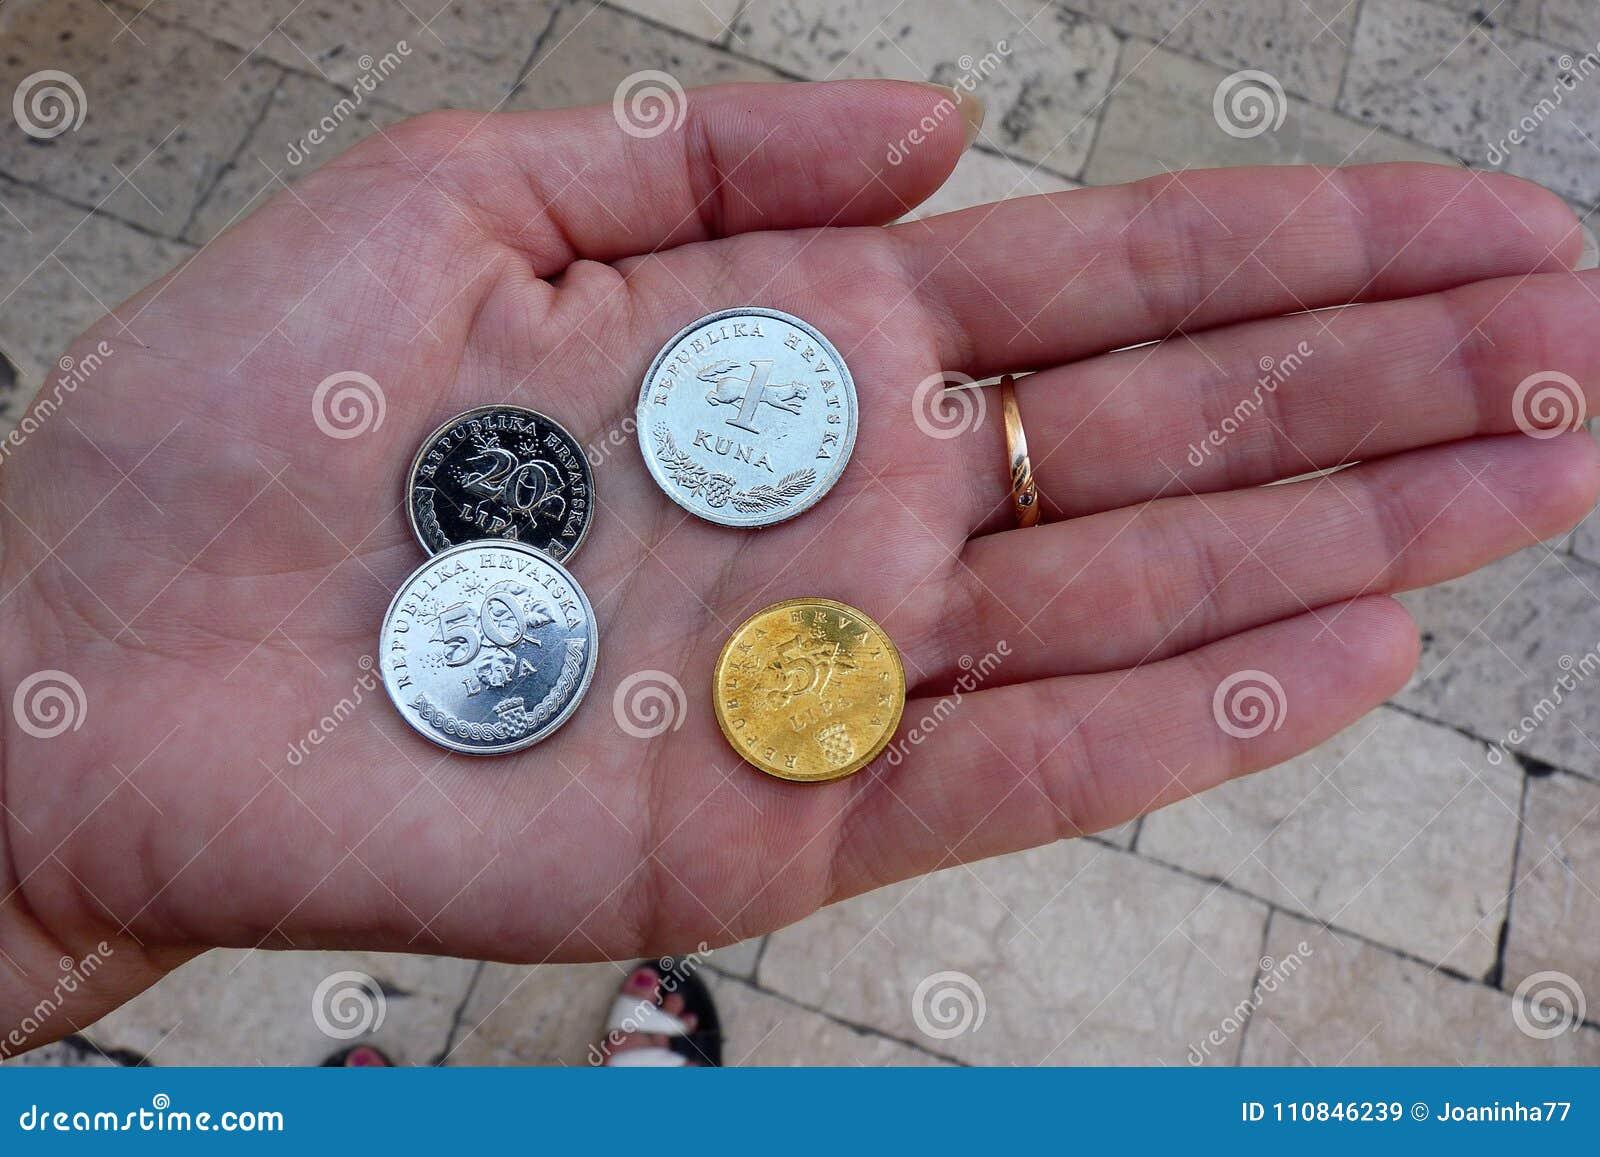 Münzen Von Kroatien An Hand Nahaufnahme Stockbild Bild Von